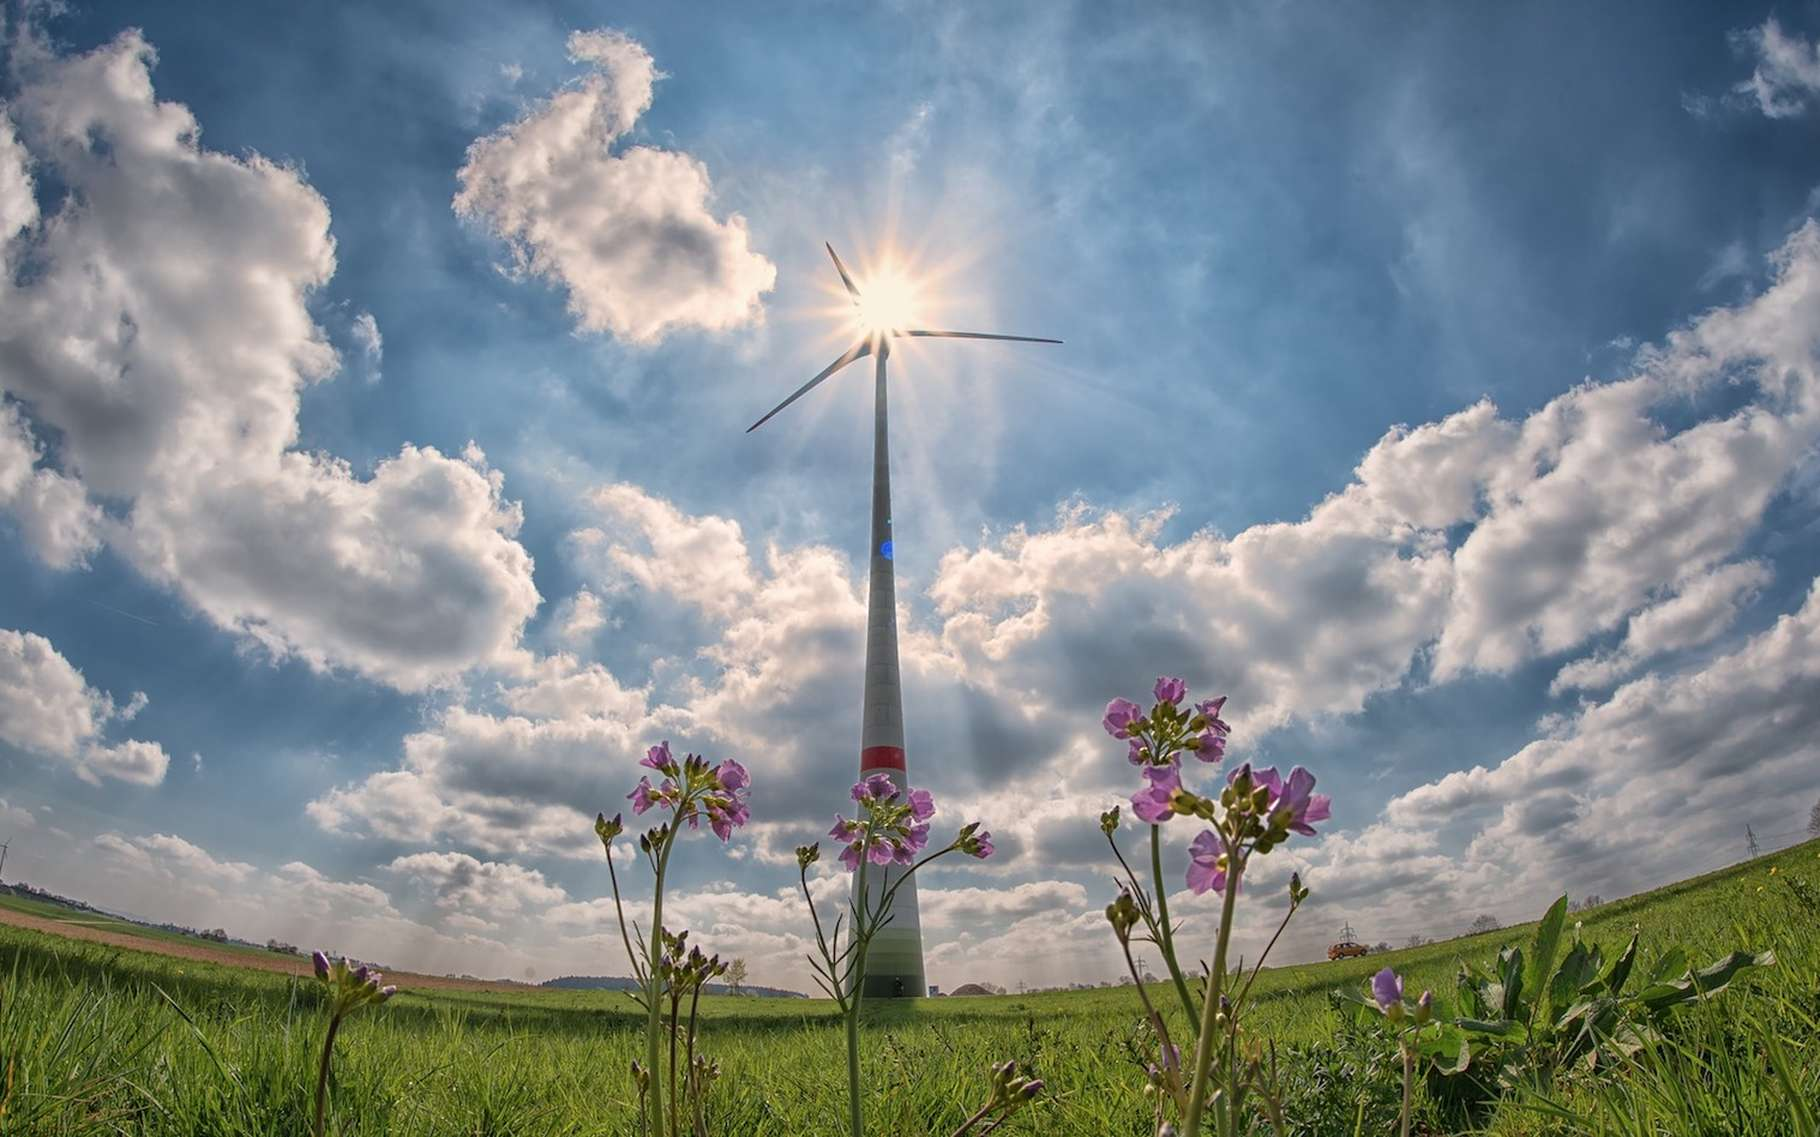 Pour lutter contre le dérèglement climatique, la Programmation pluriannuelle de l'énergie demande la réduction de la consommation d'énergies fossiles importées. Le moment est donc bien choisi pour créer une entreprise dans le secteur des énergies renouvelables. © winterseitler, Pixabay, CC0 Public Domain